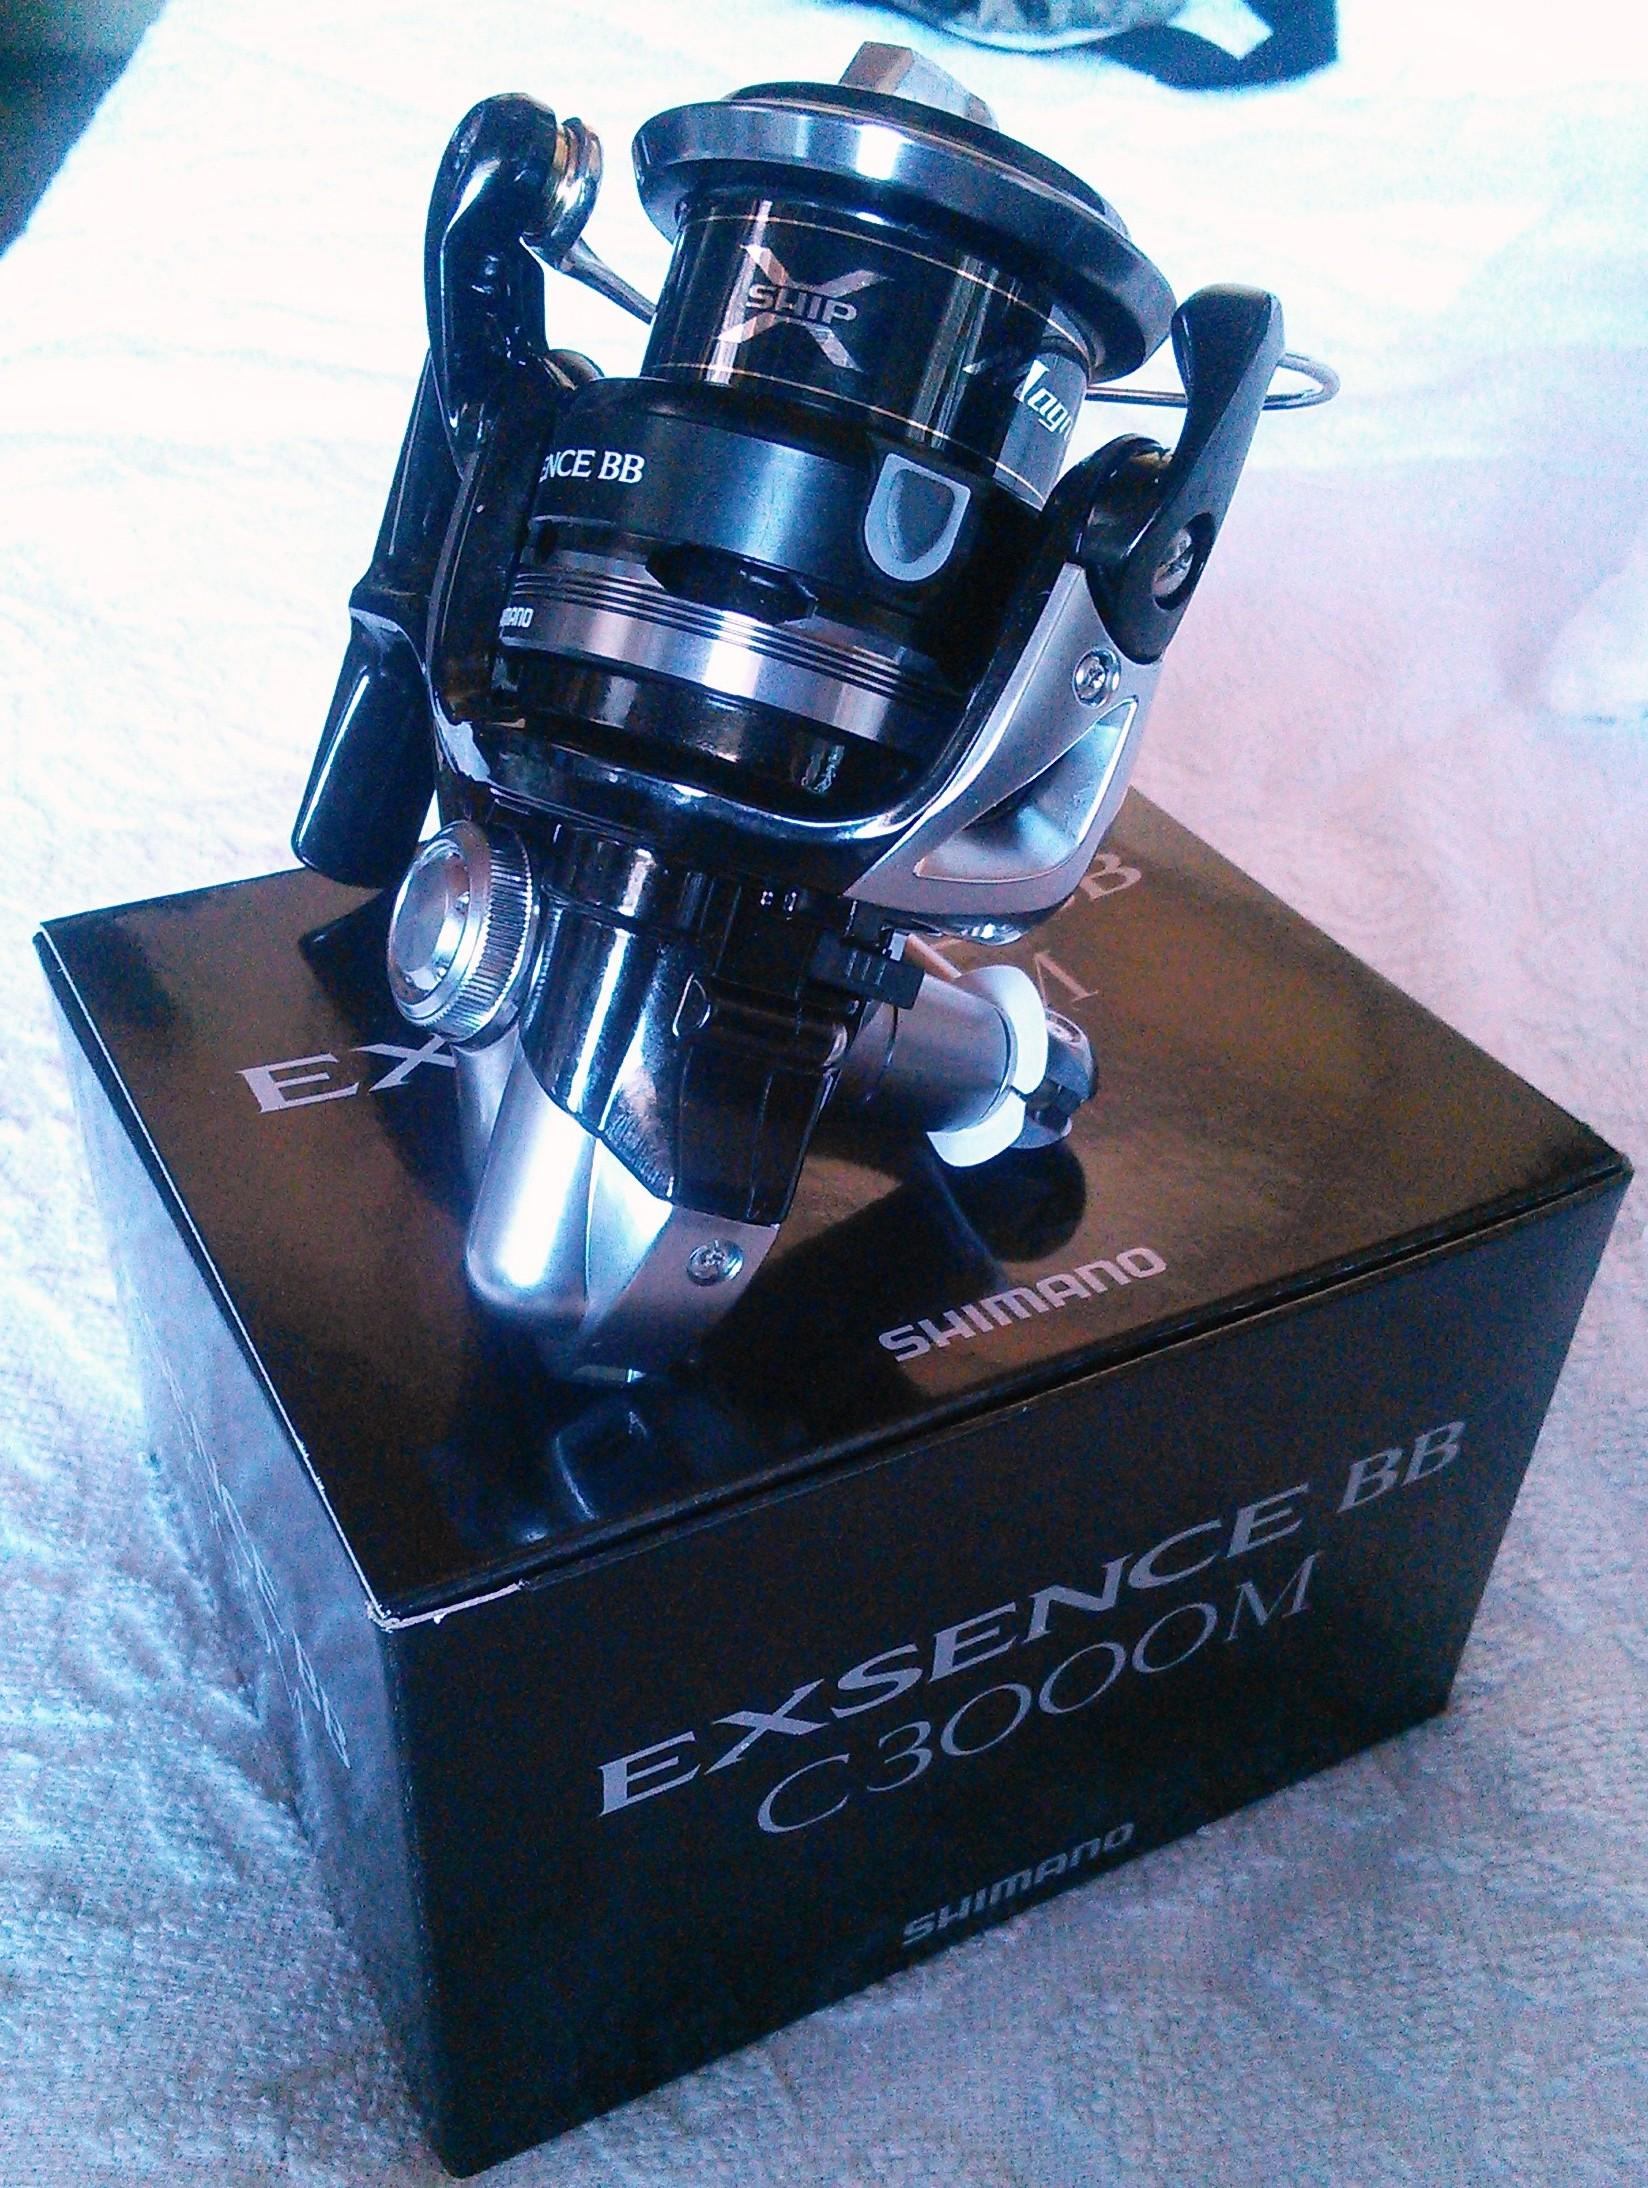 シマノのリール「エクスセンス BB C3000M」